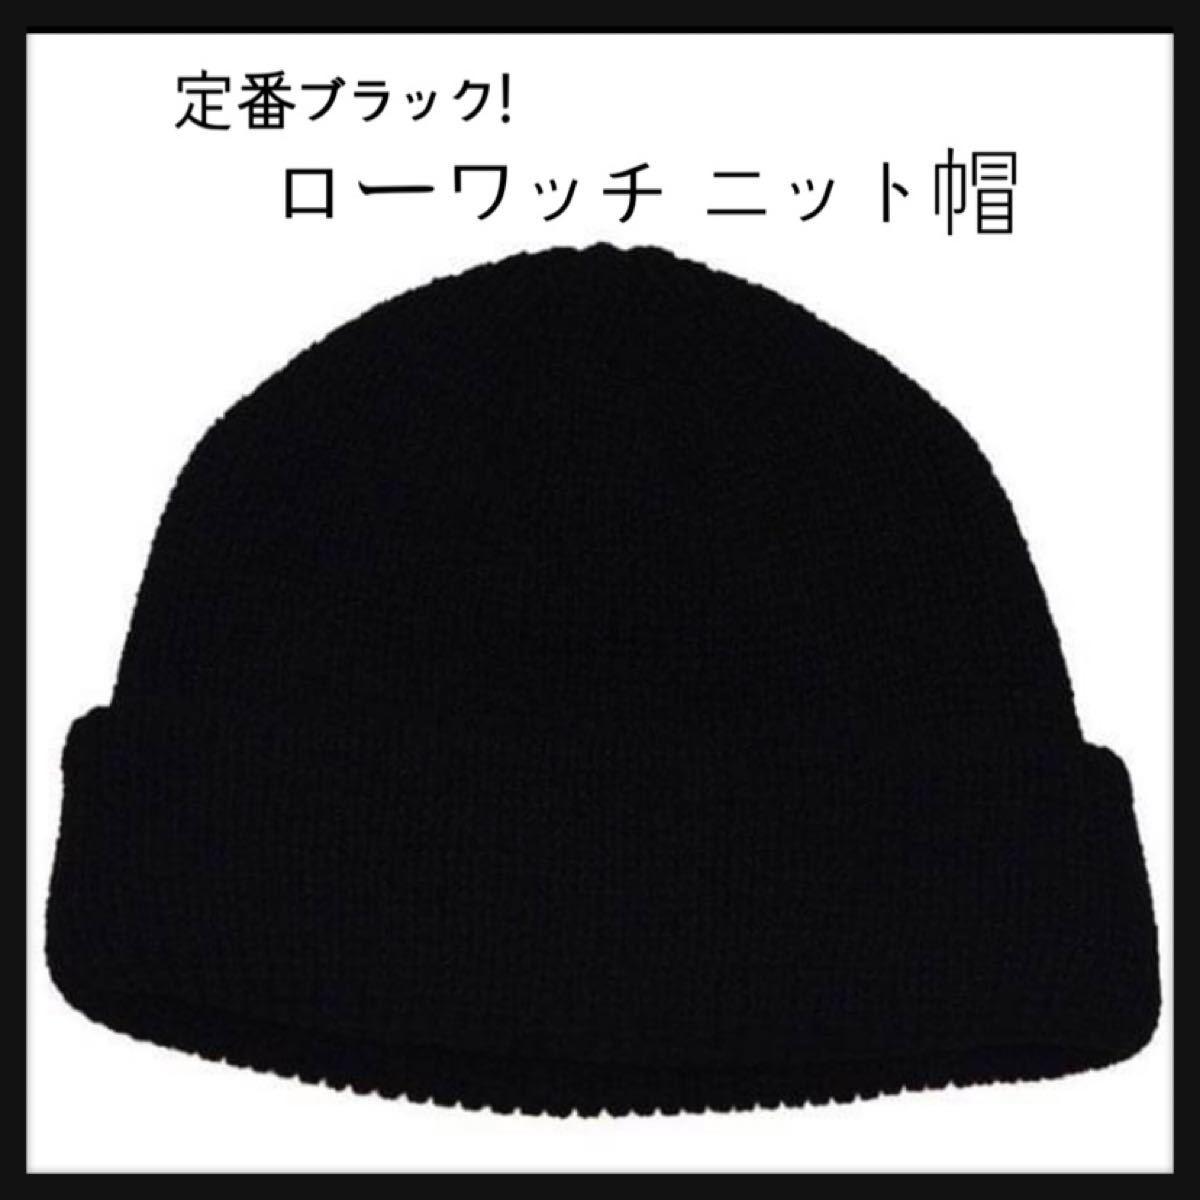 定番!シンプル ニット帽 ビーニー ローワッチ ★ 黒 ブラック ユニセックス ワッチキャップ 帽子  男女兼用 ニットキャップ